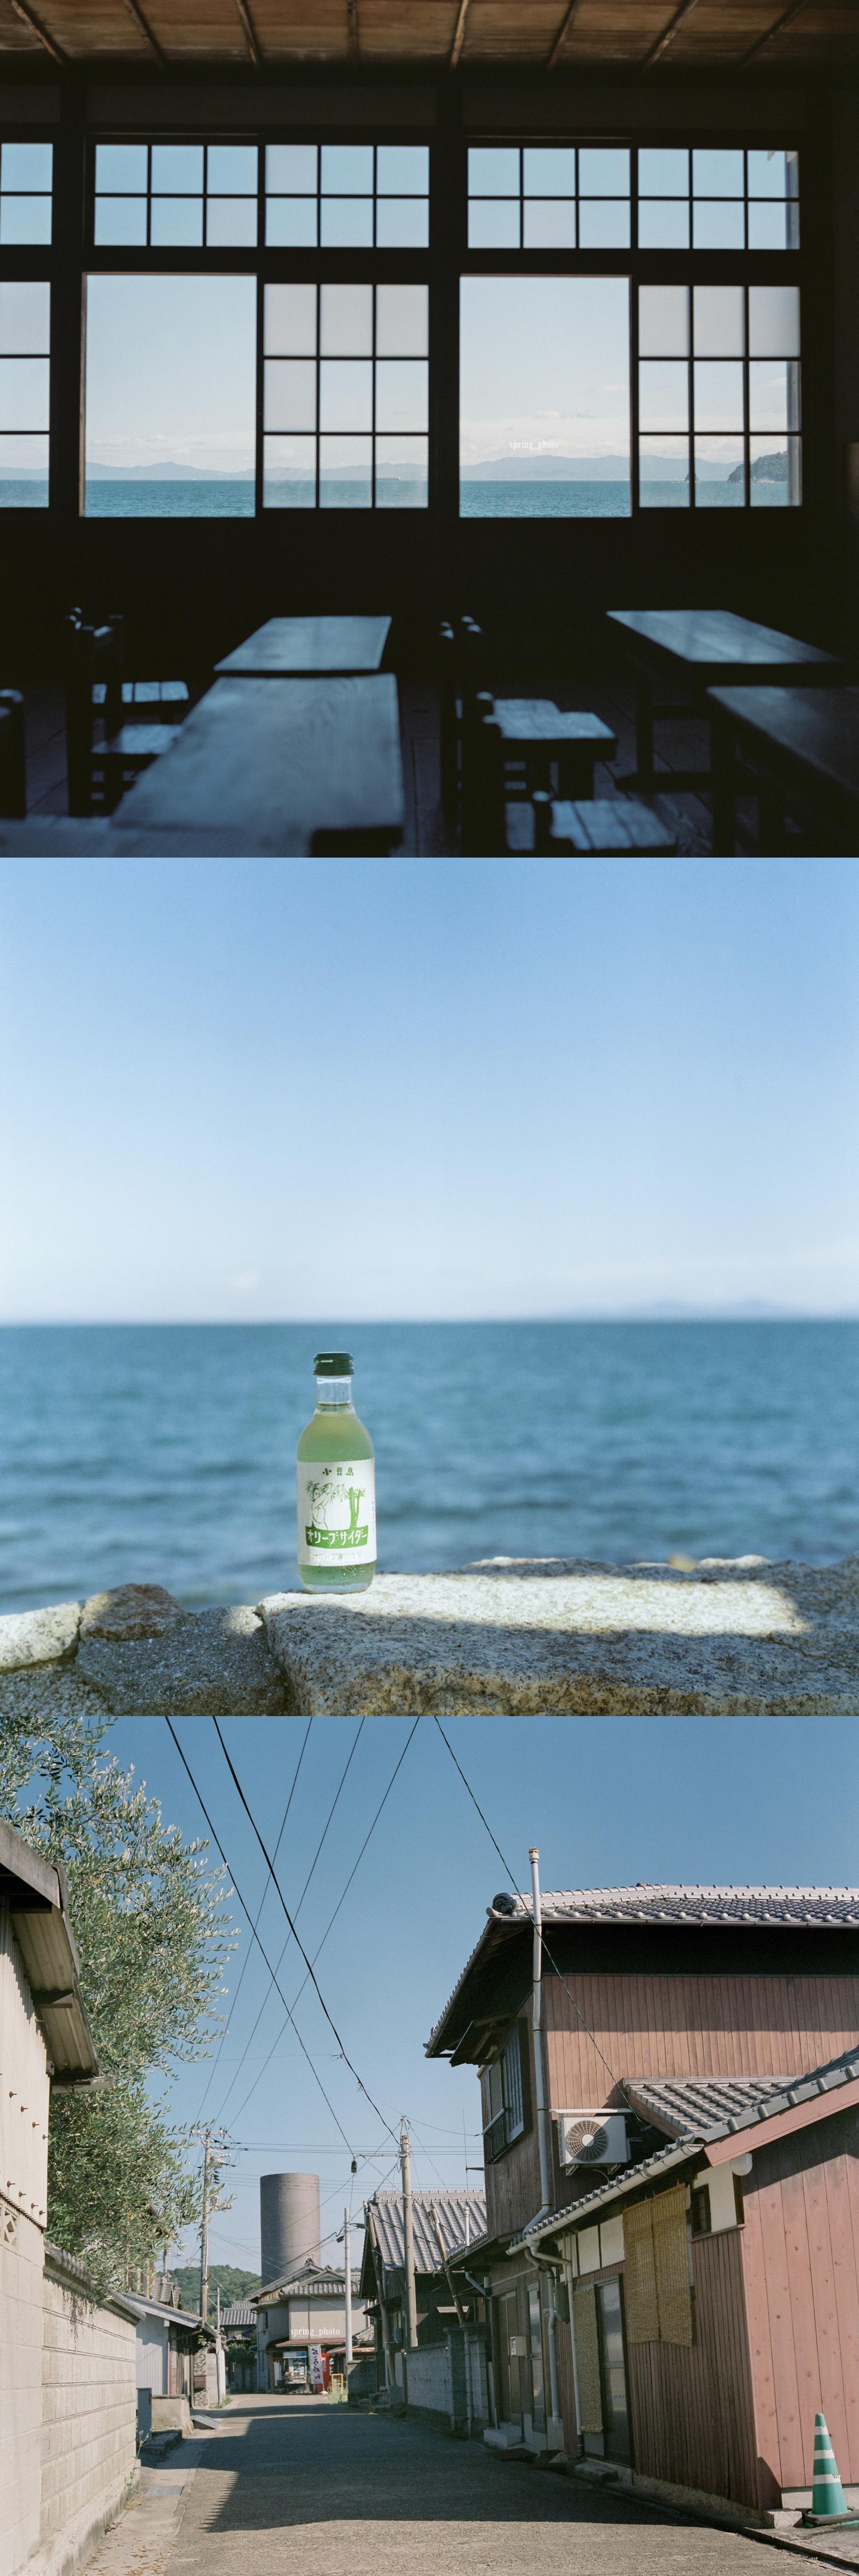 濑户内海小岛之旅     摄影@Spring-photo